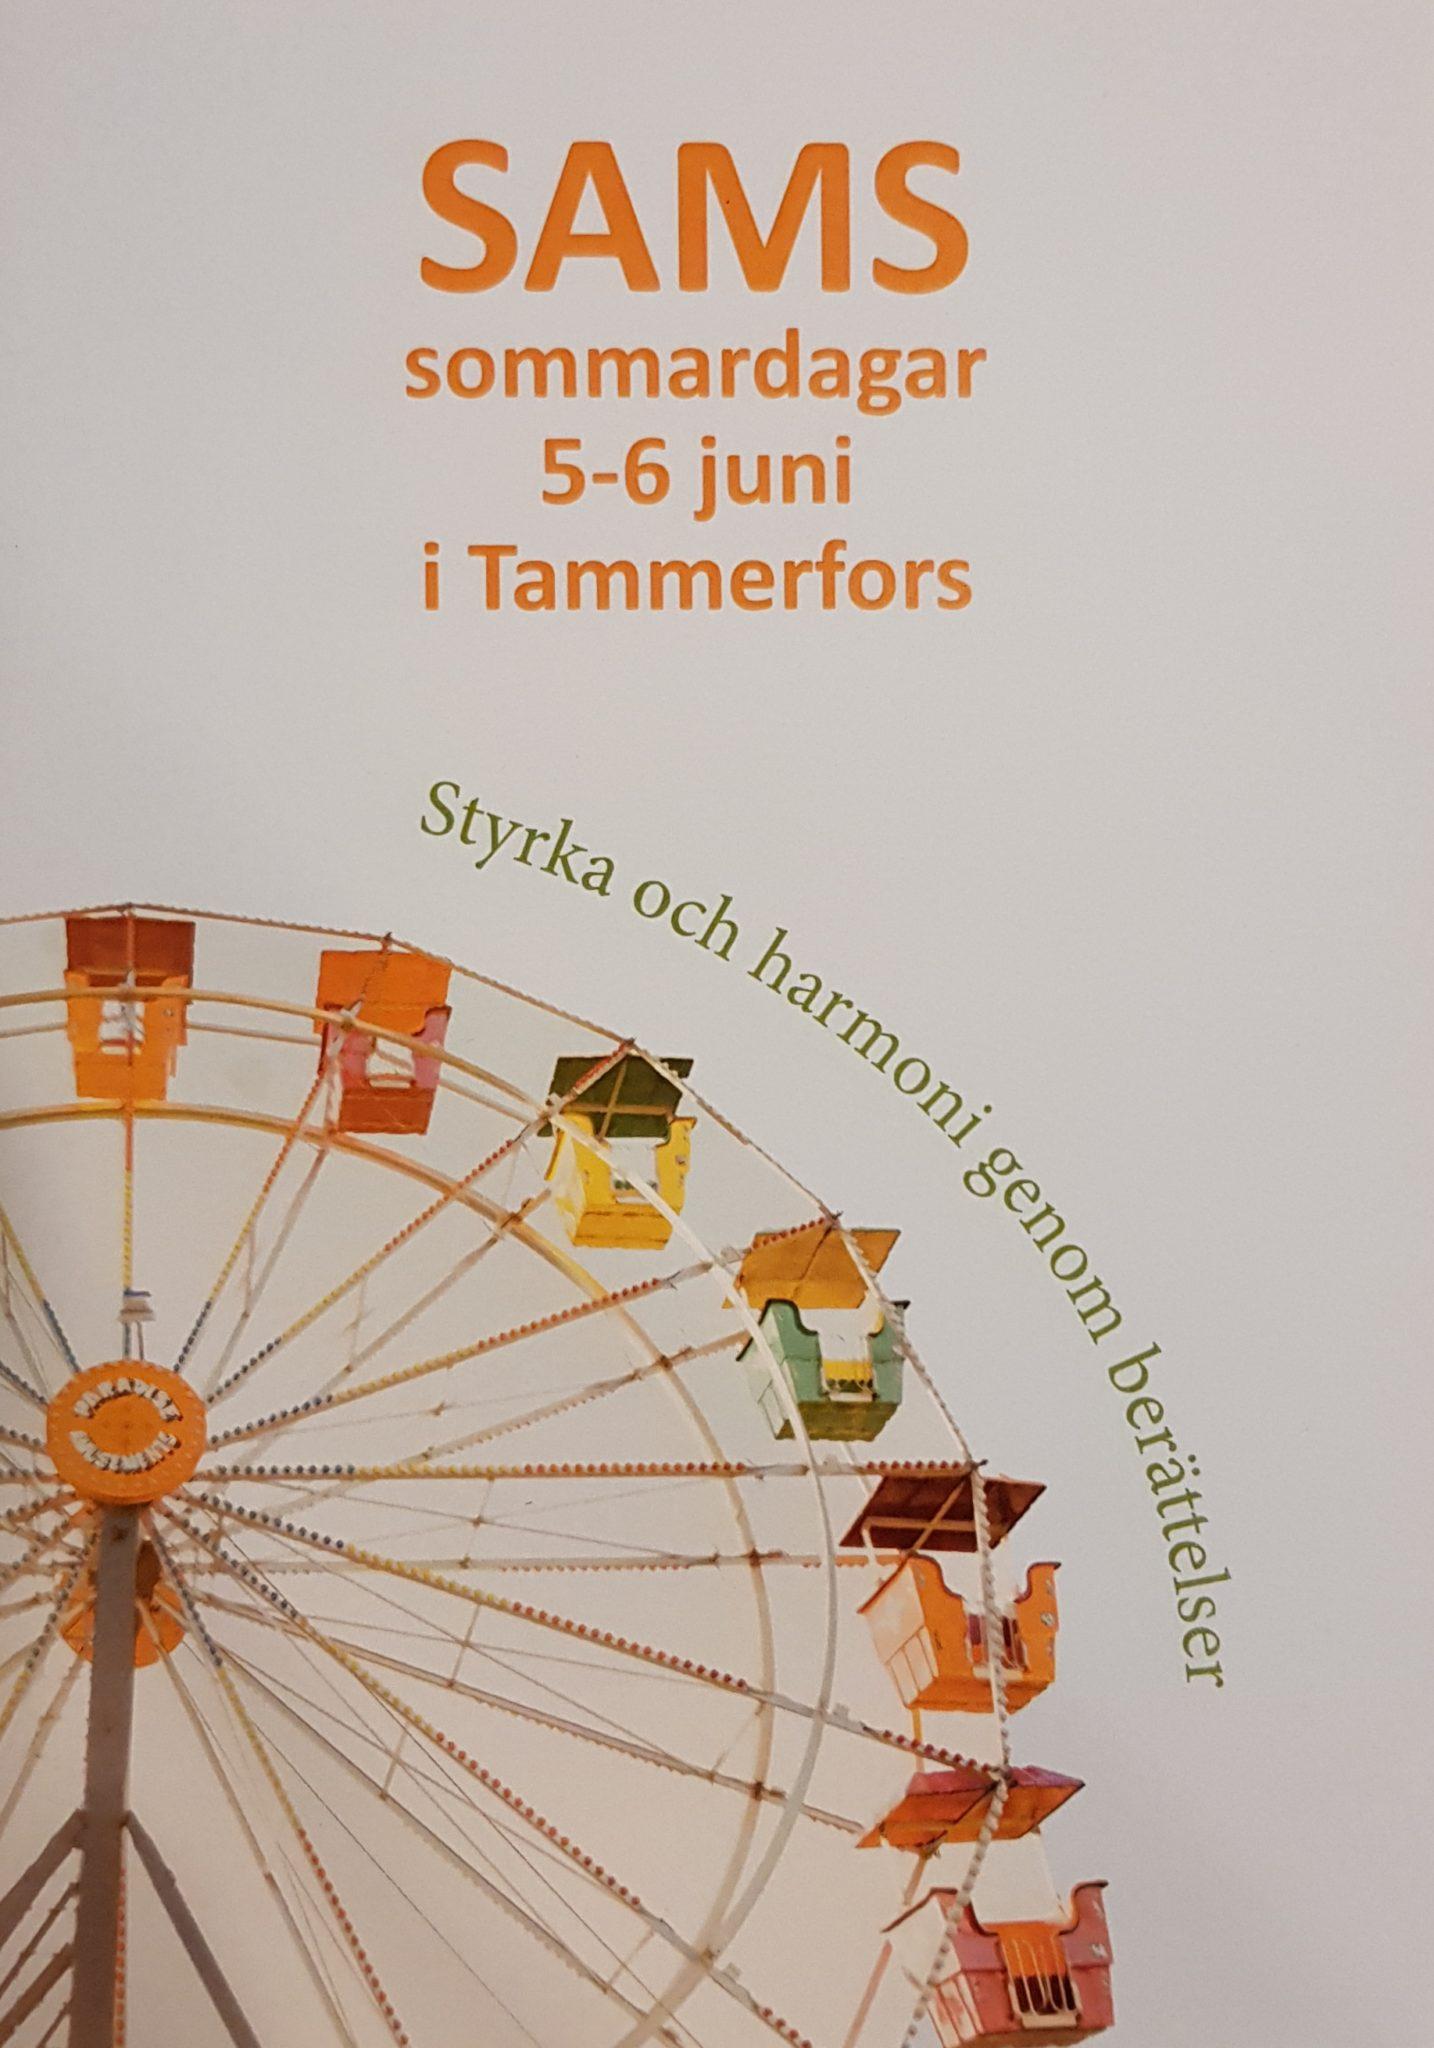 SAMS sommardagar 5-6 juni i Tammerfors